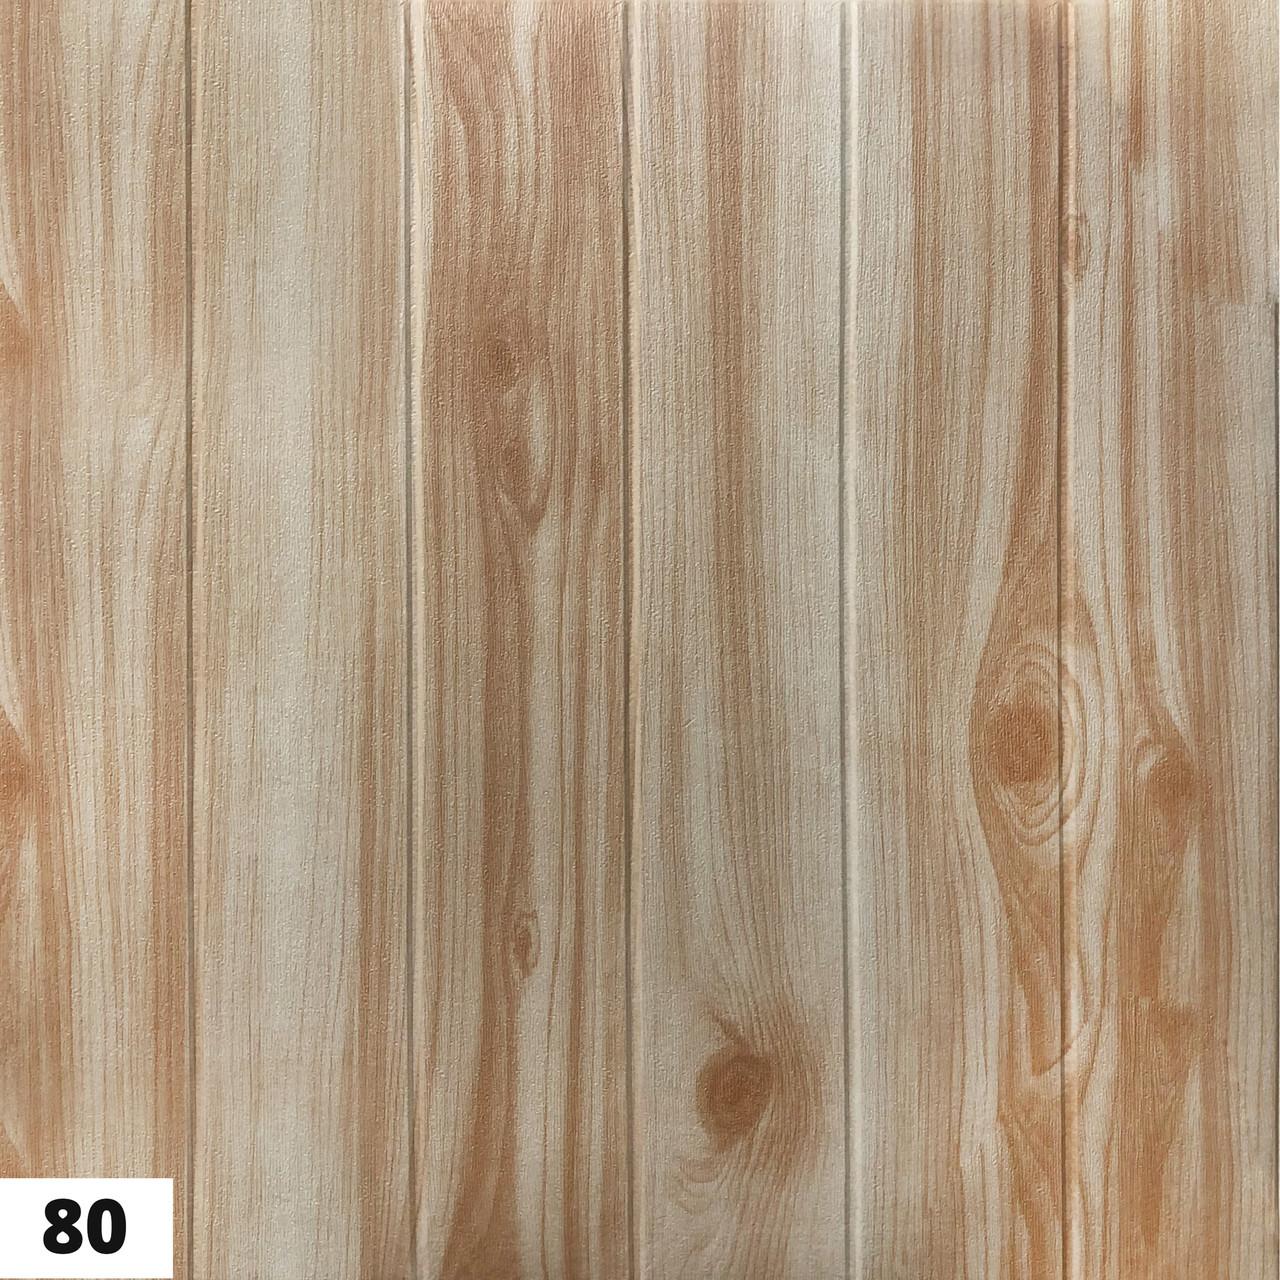 Новинка! Декоративные 3Д панели самоклеющиеся, стеновые 3d панели под дерево, Карамельное Дерево